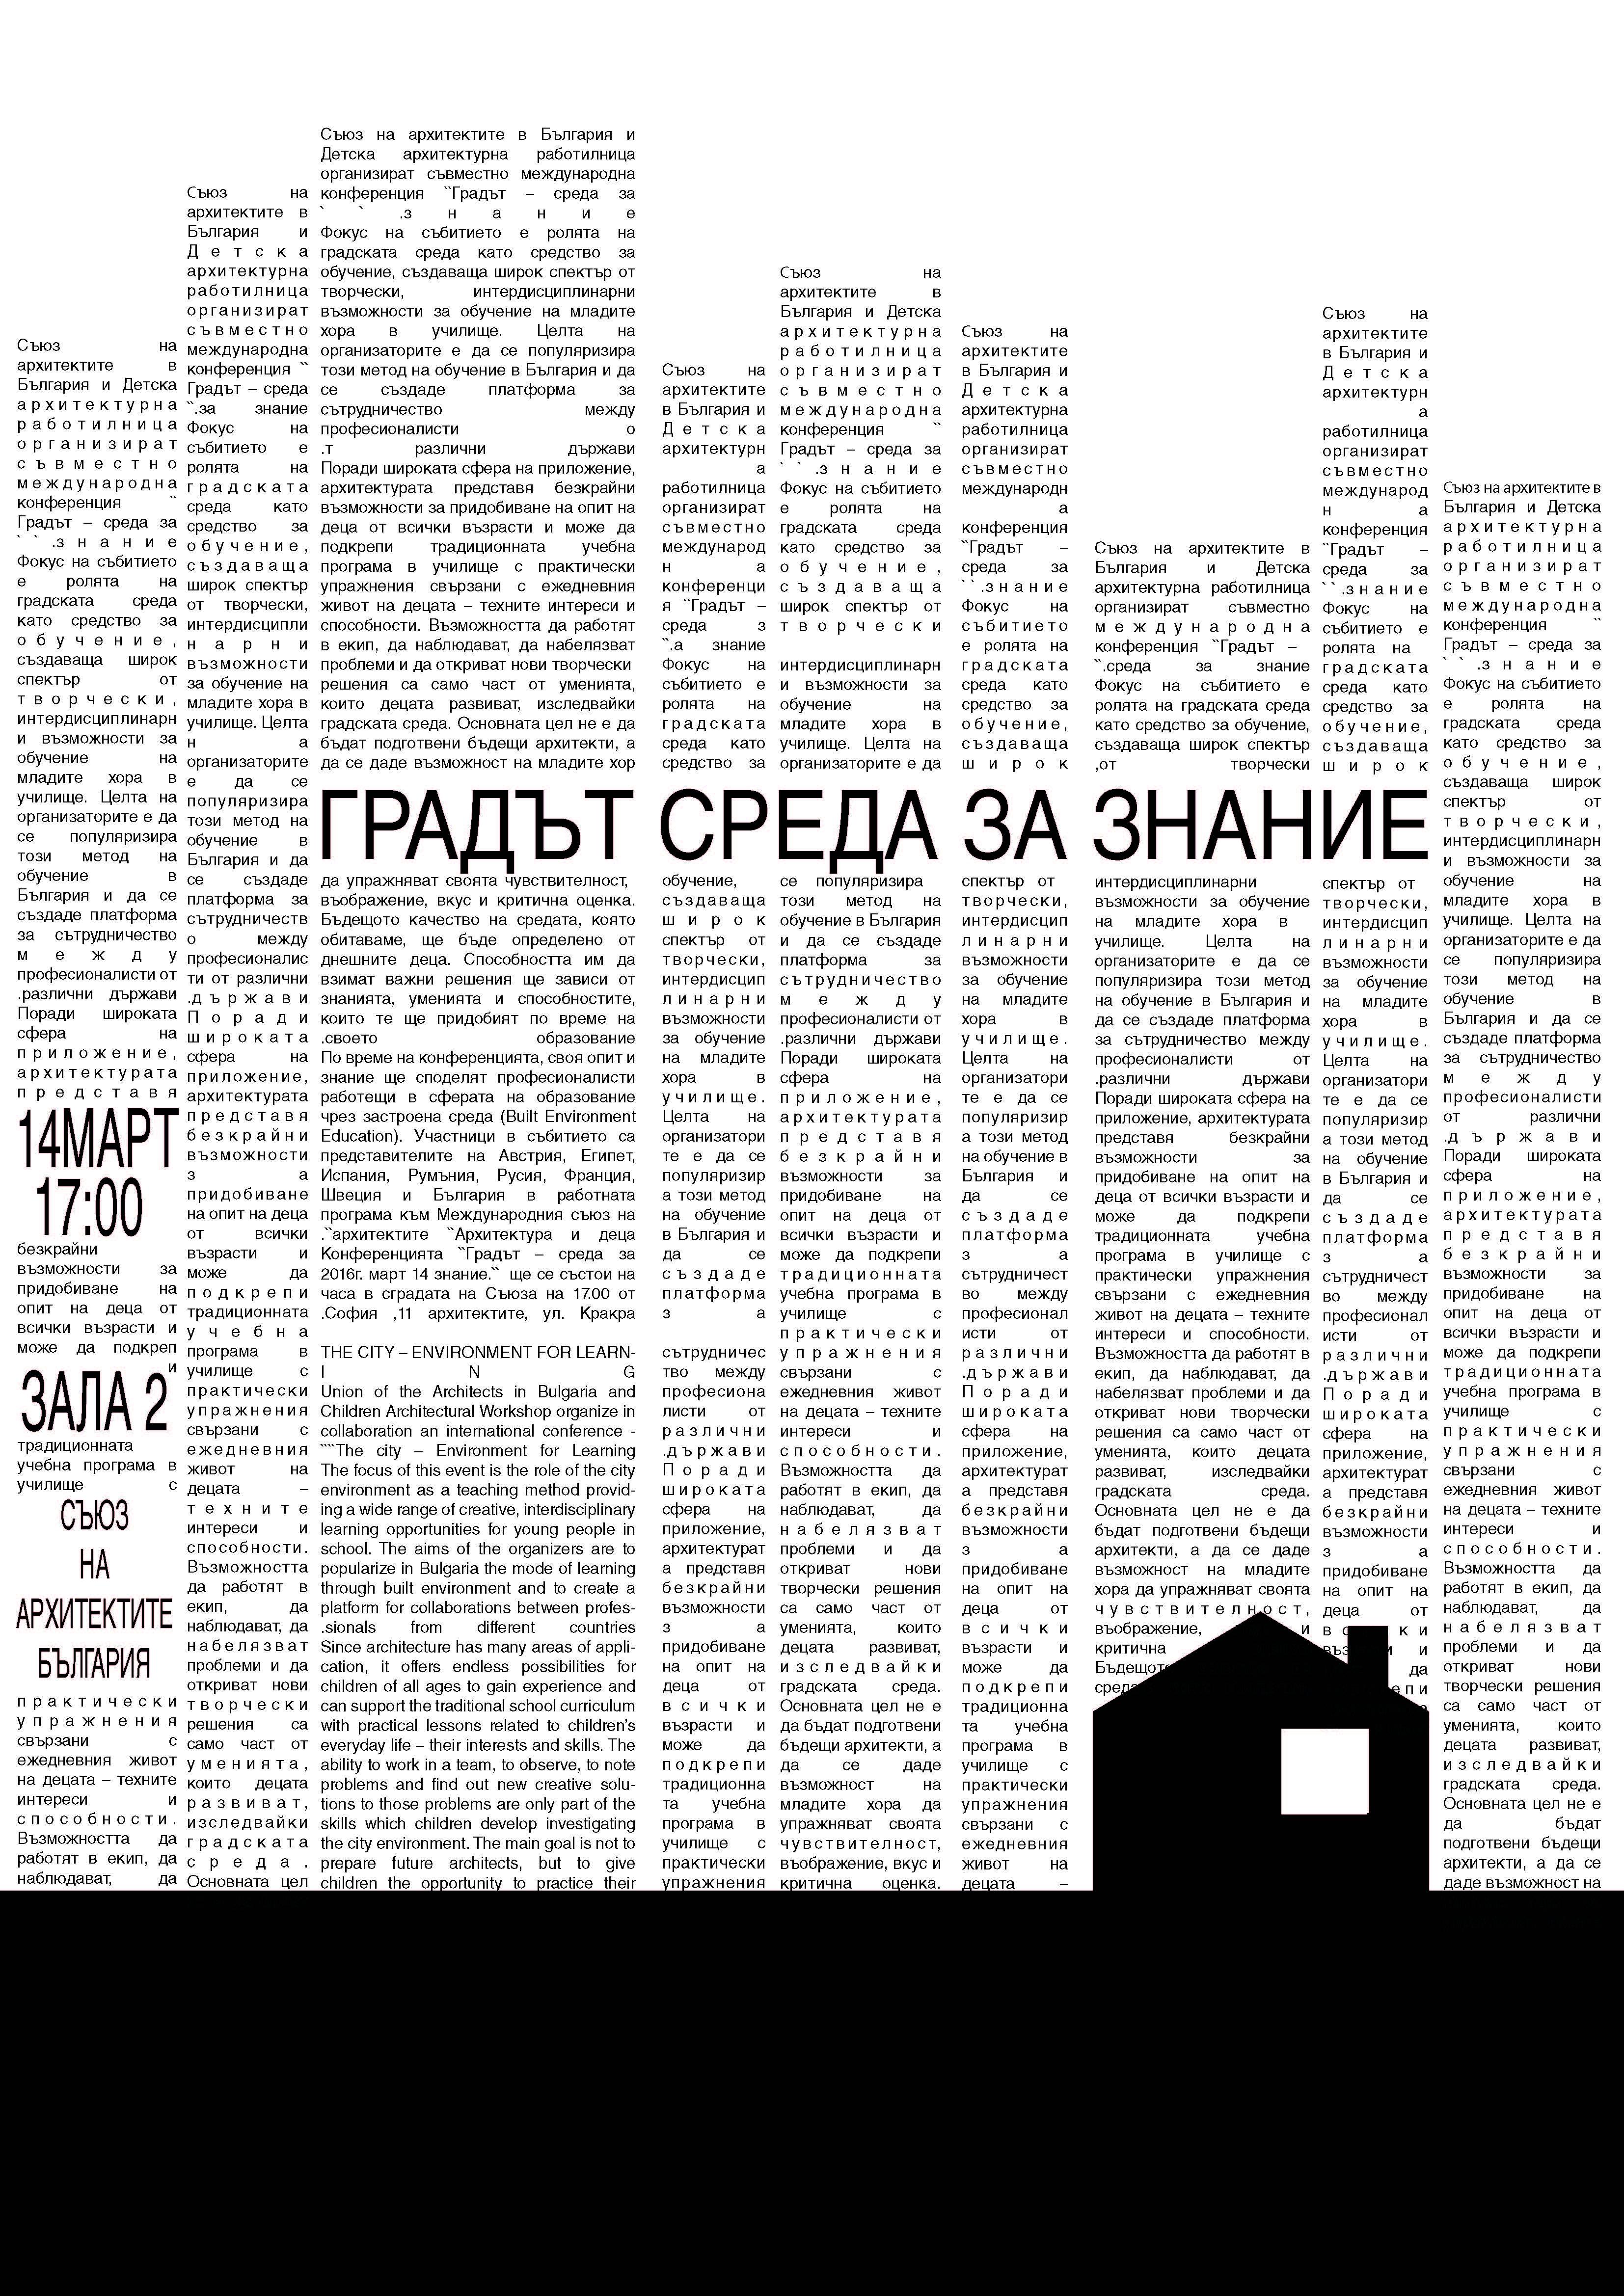 """МЕЖДУНАРОДНА КОНФЕРЕНЦИЯ """"ГРАДЪТ - СРЕДА ЗА ЗНАНИЕ"""", 14 март 2016г."""